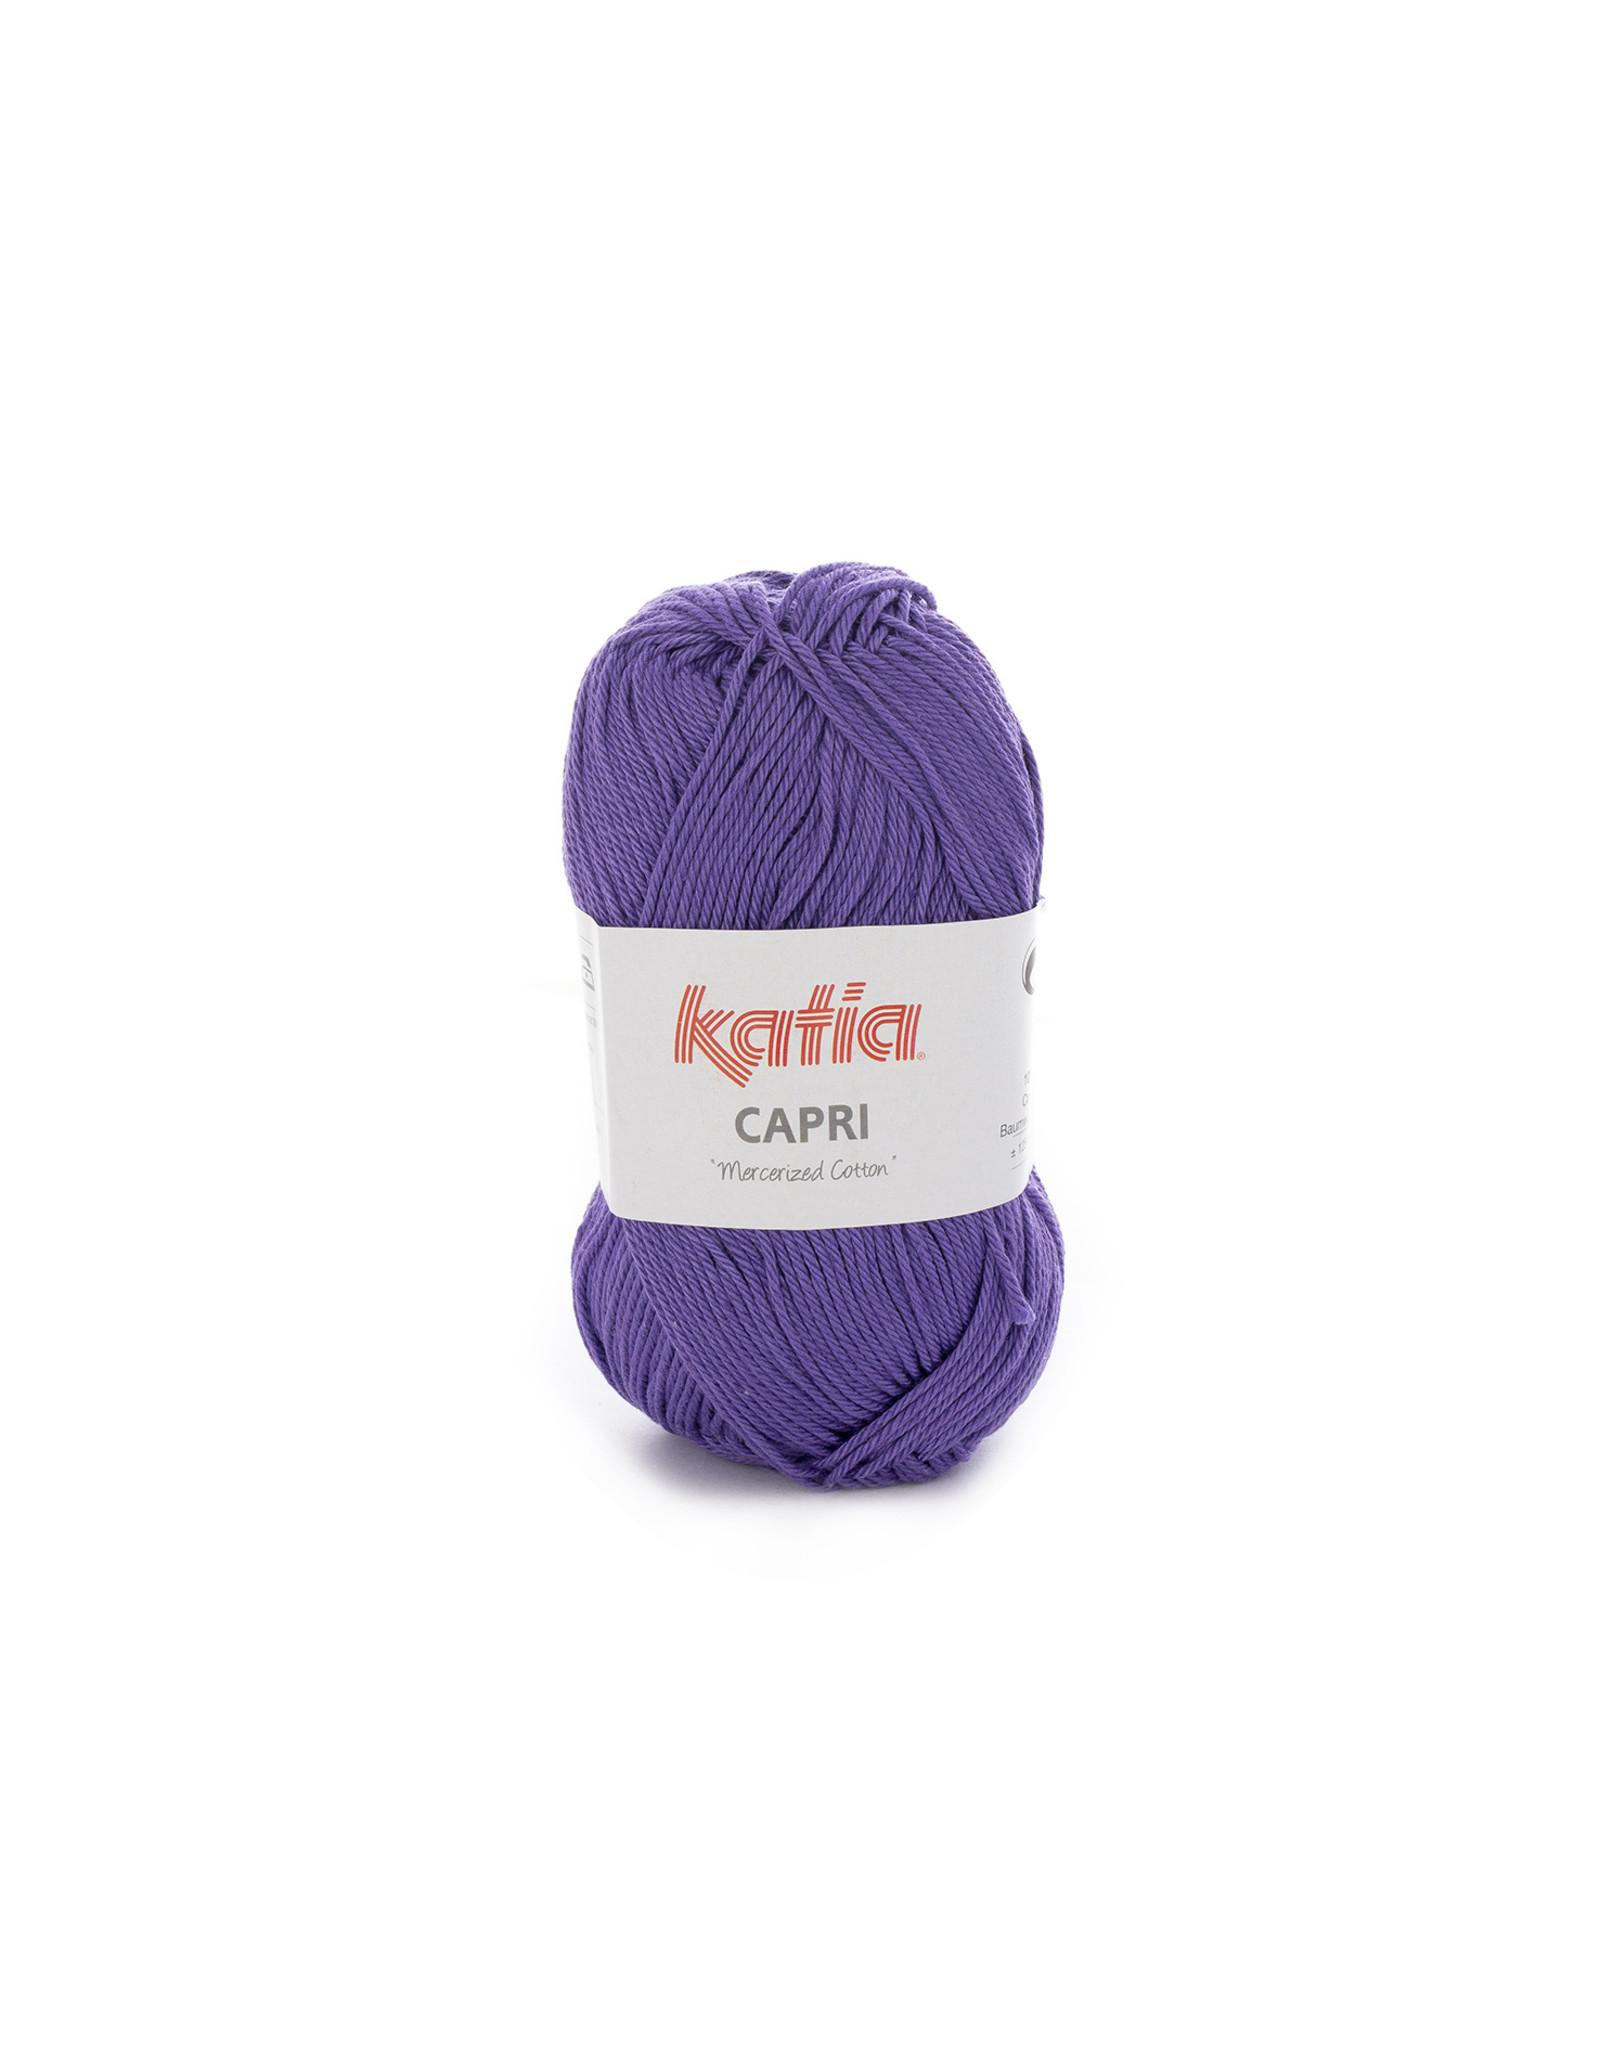 Katia Katia Capri - kleur 131 Donkerlila - bundel 5 x 50 gr. / 125 m. - 100% katoen